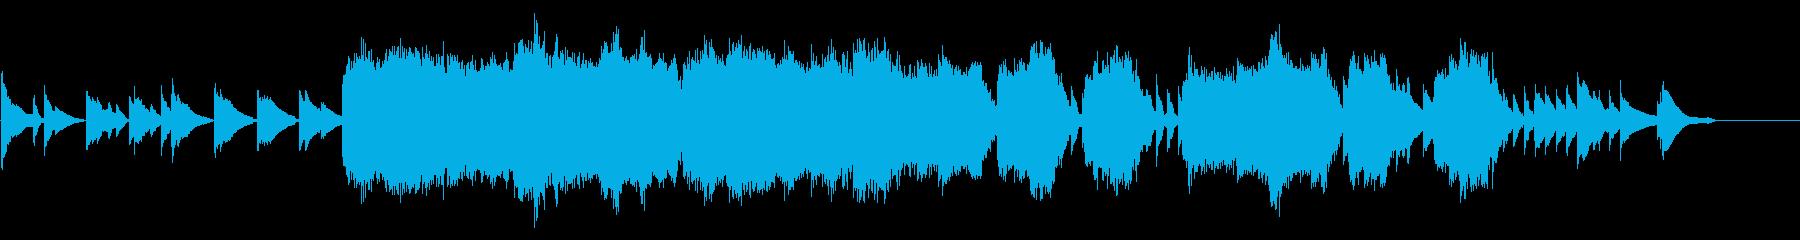 ピアノとバイオリンの切ないバラードの再生済みの波形